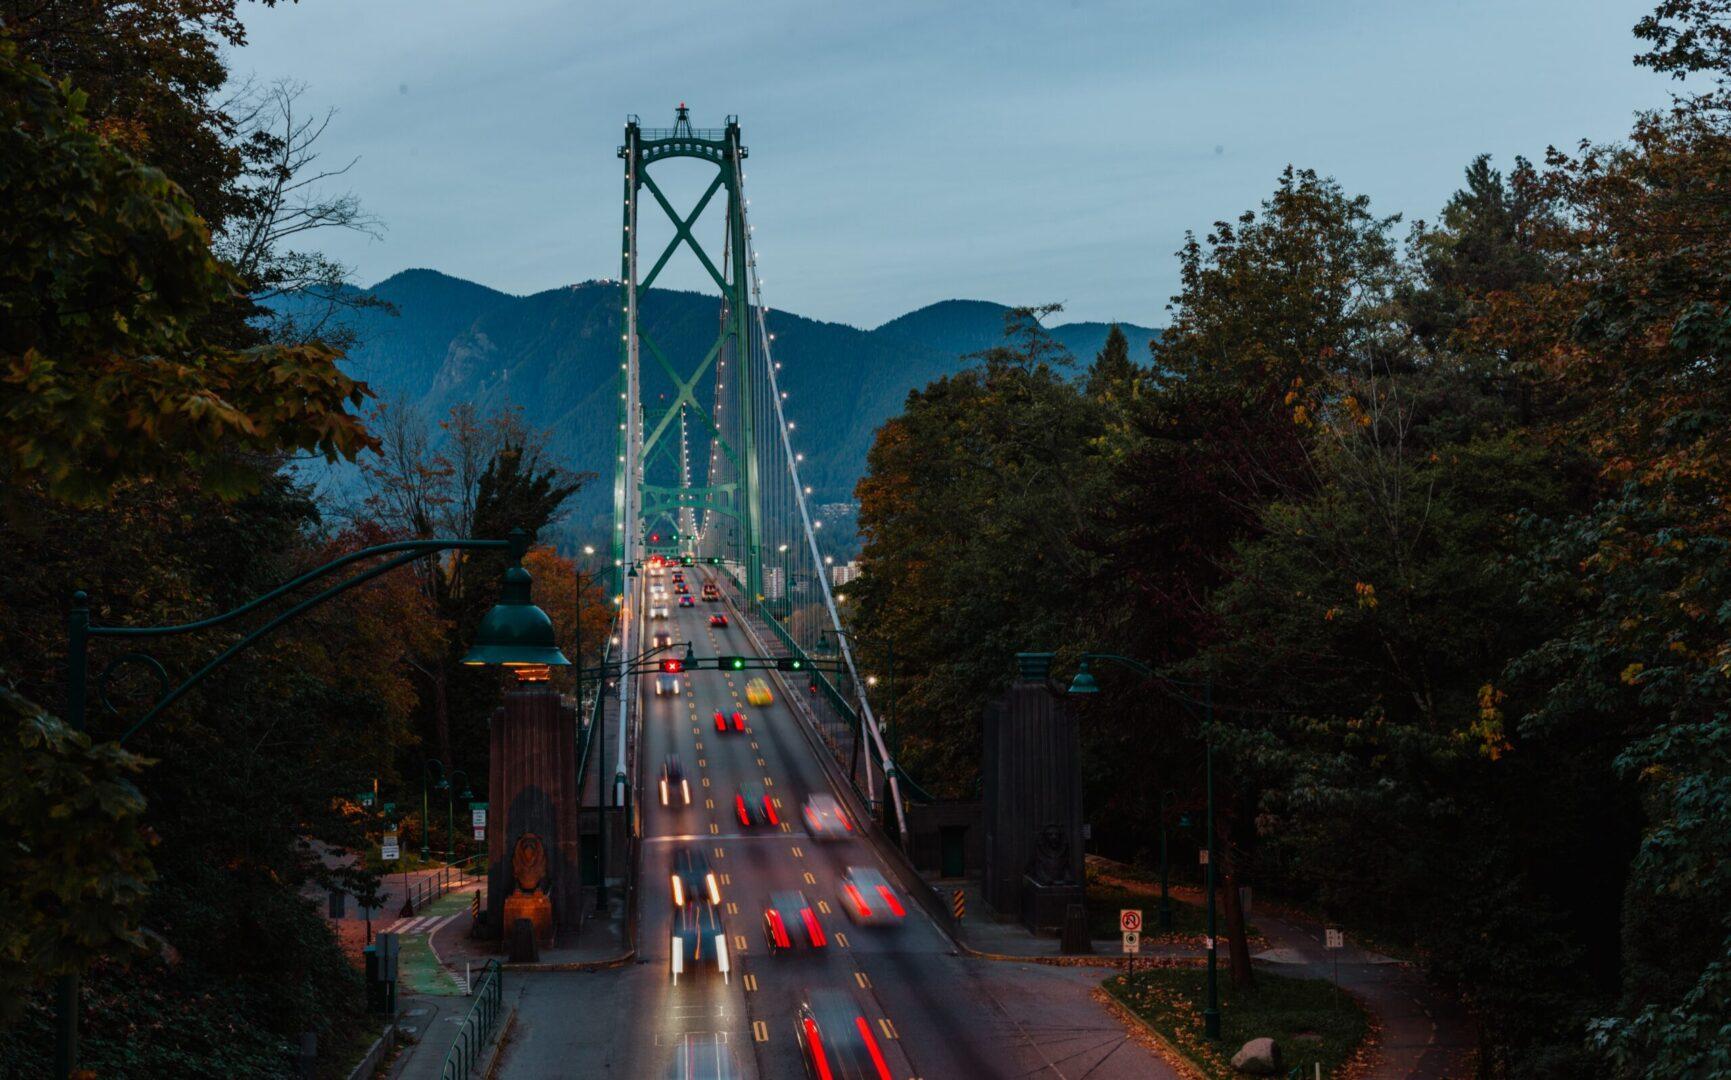 Vancouver Landscape of the lions gate bridge